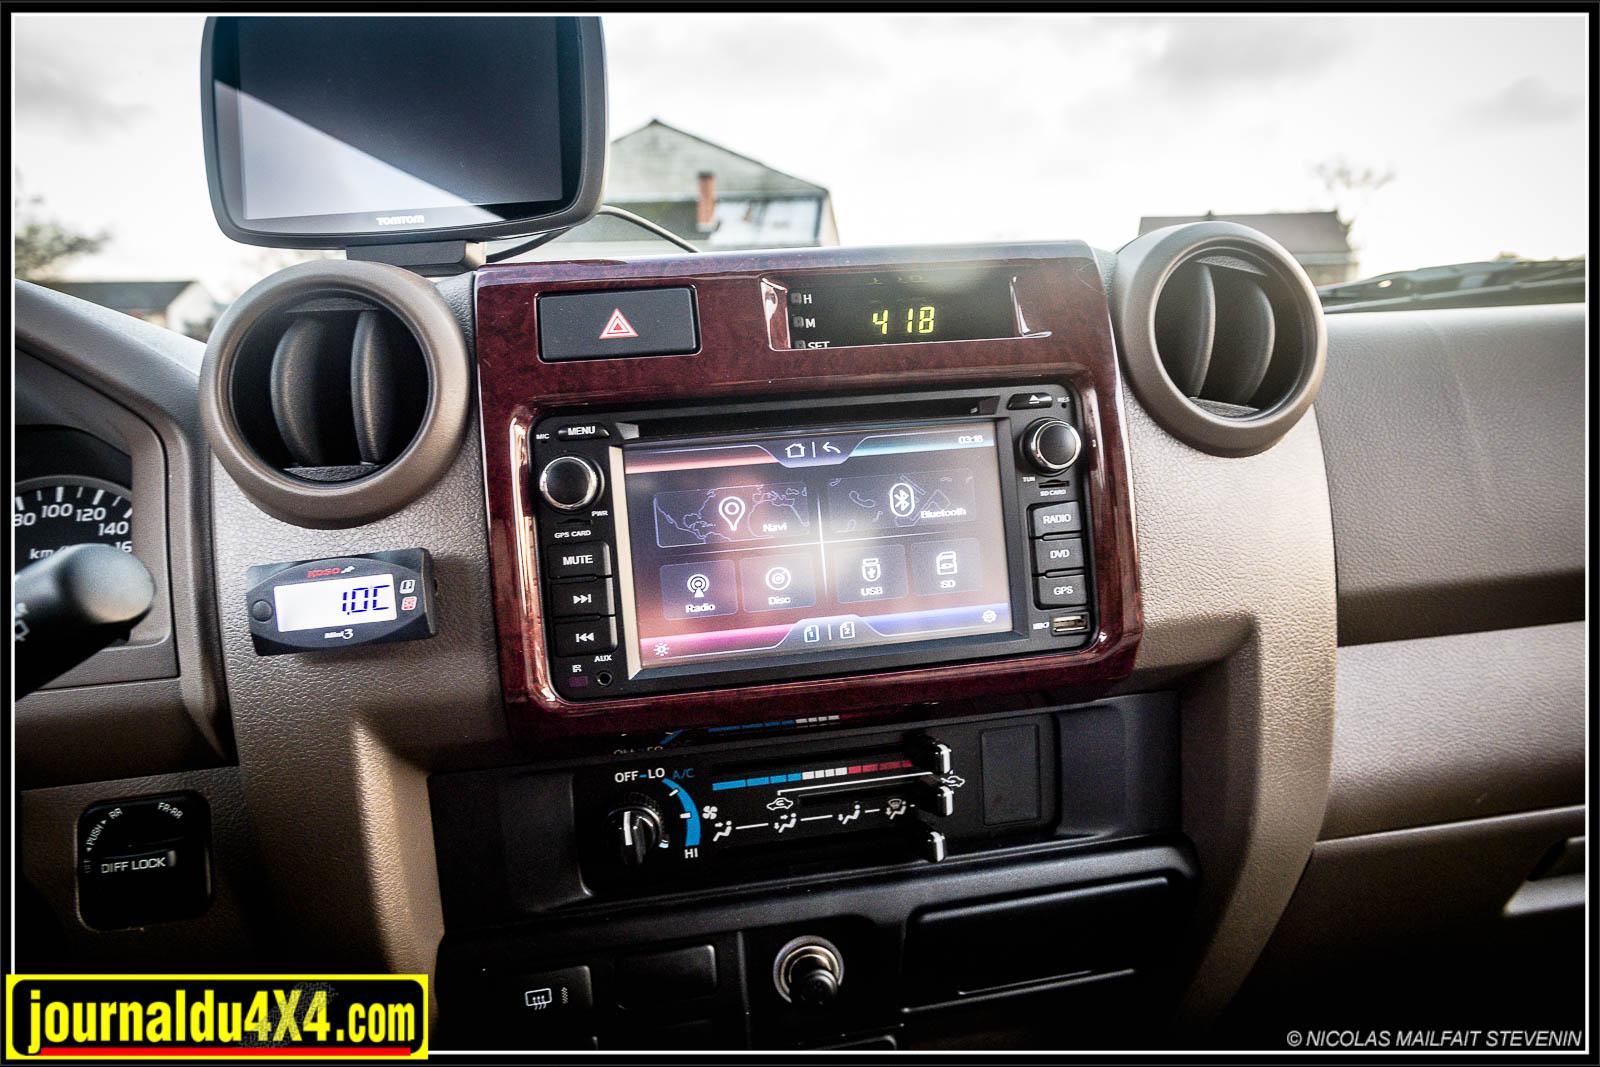 Une horloge digitale dernier cri, une climatisation manuelle, mais quand même un écran pour le mutimédia et le GPS